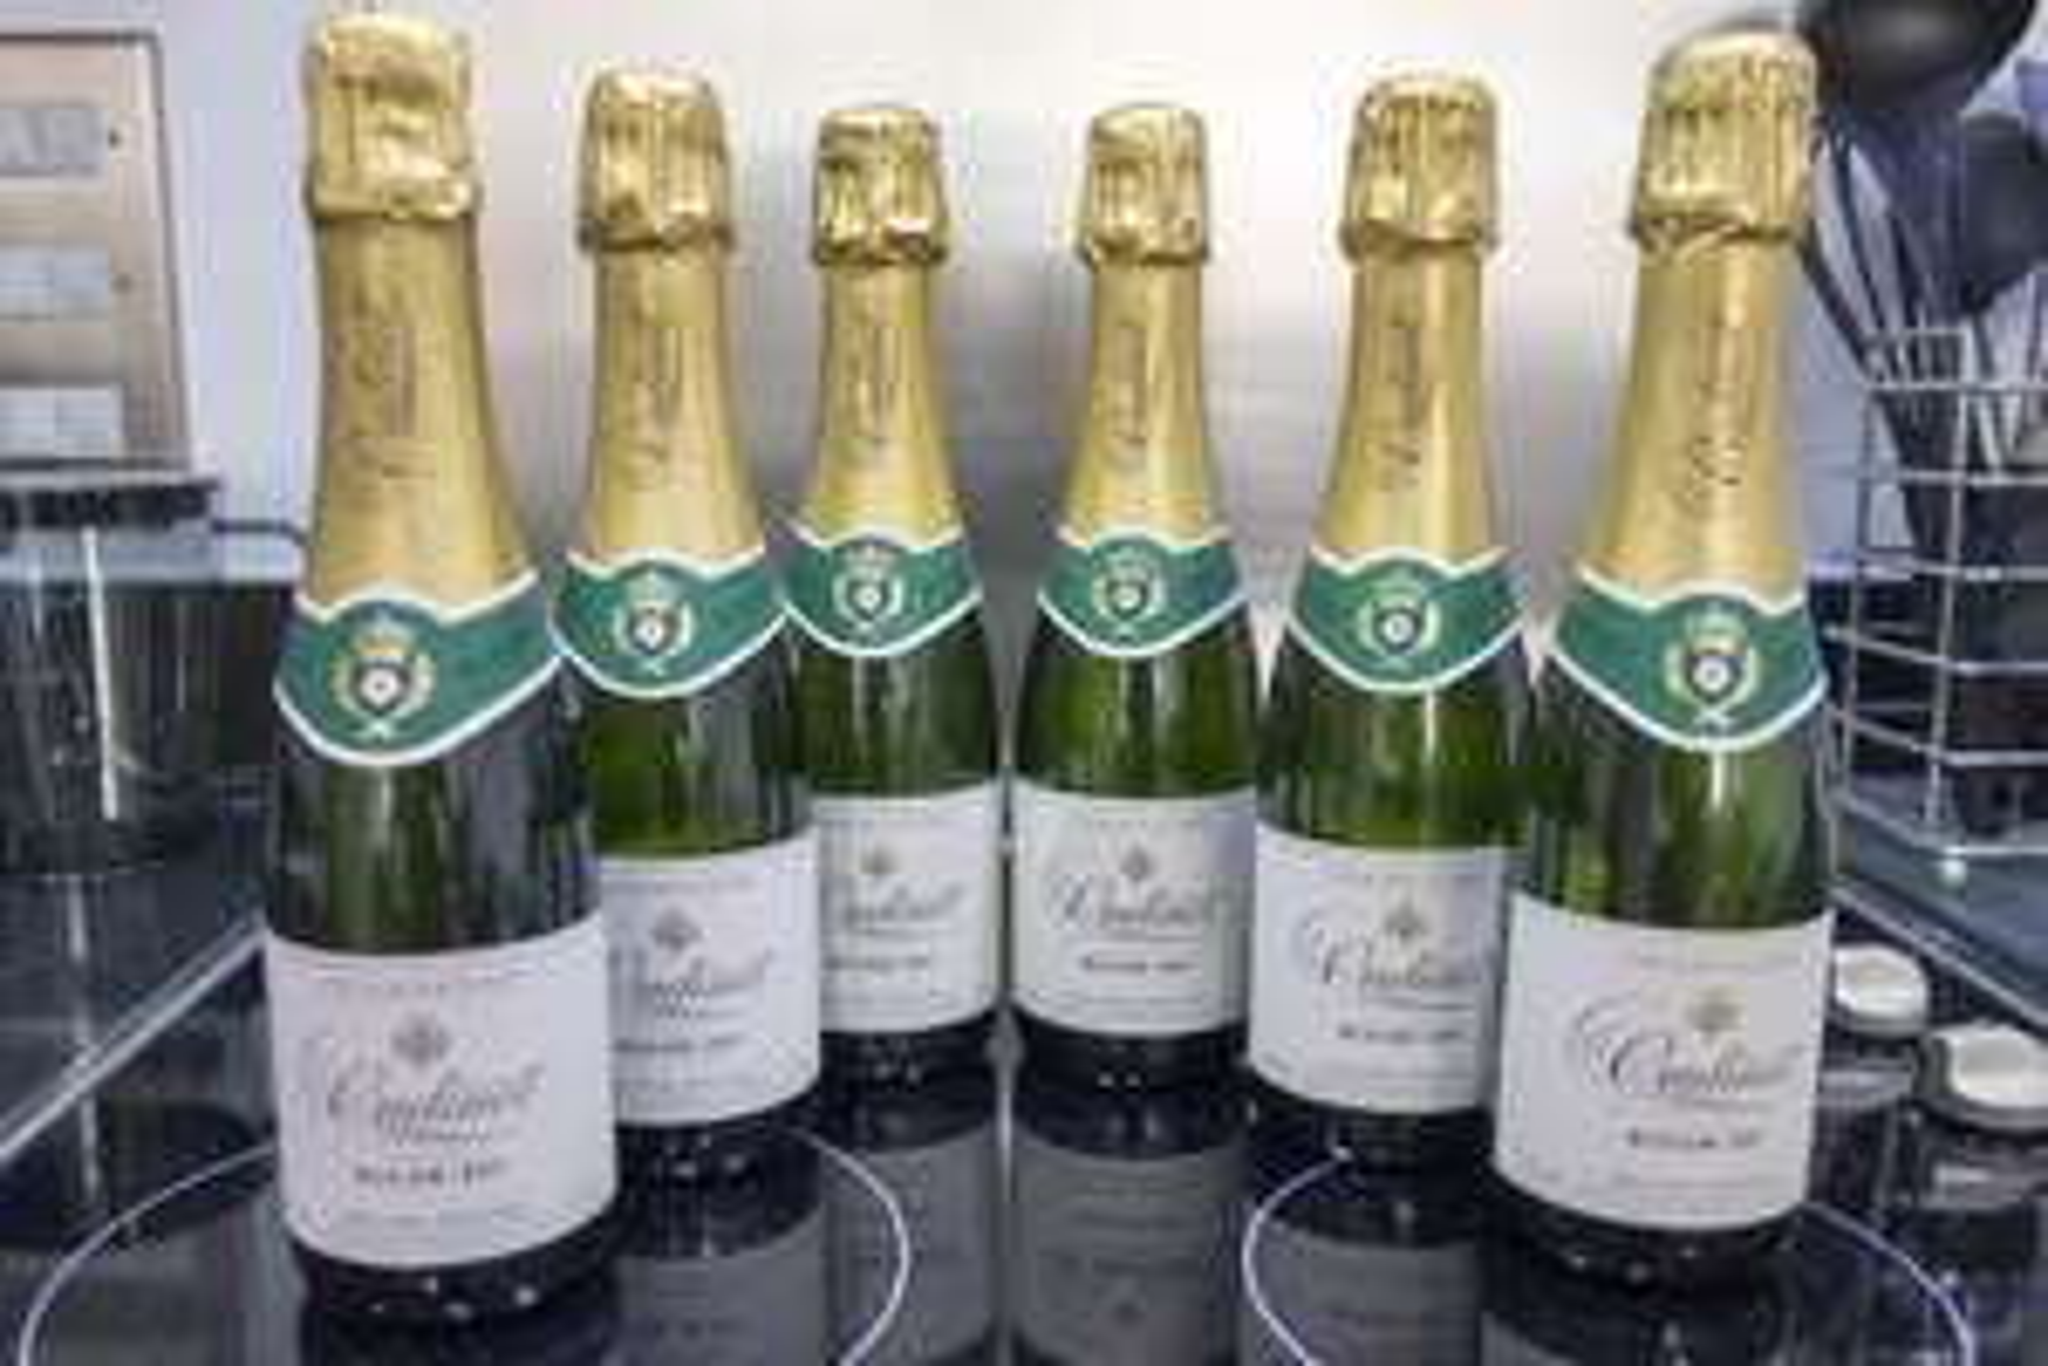 Oudinot Medium Dry Champagne 37.5cl - M&S instore £7.50 per bottle (£33.75 for six bottles)